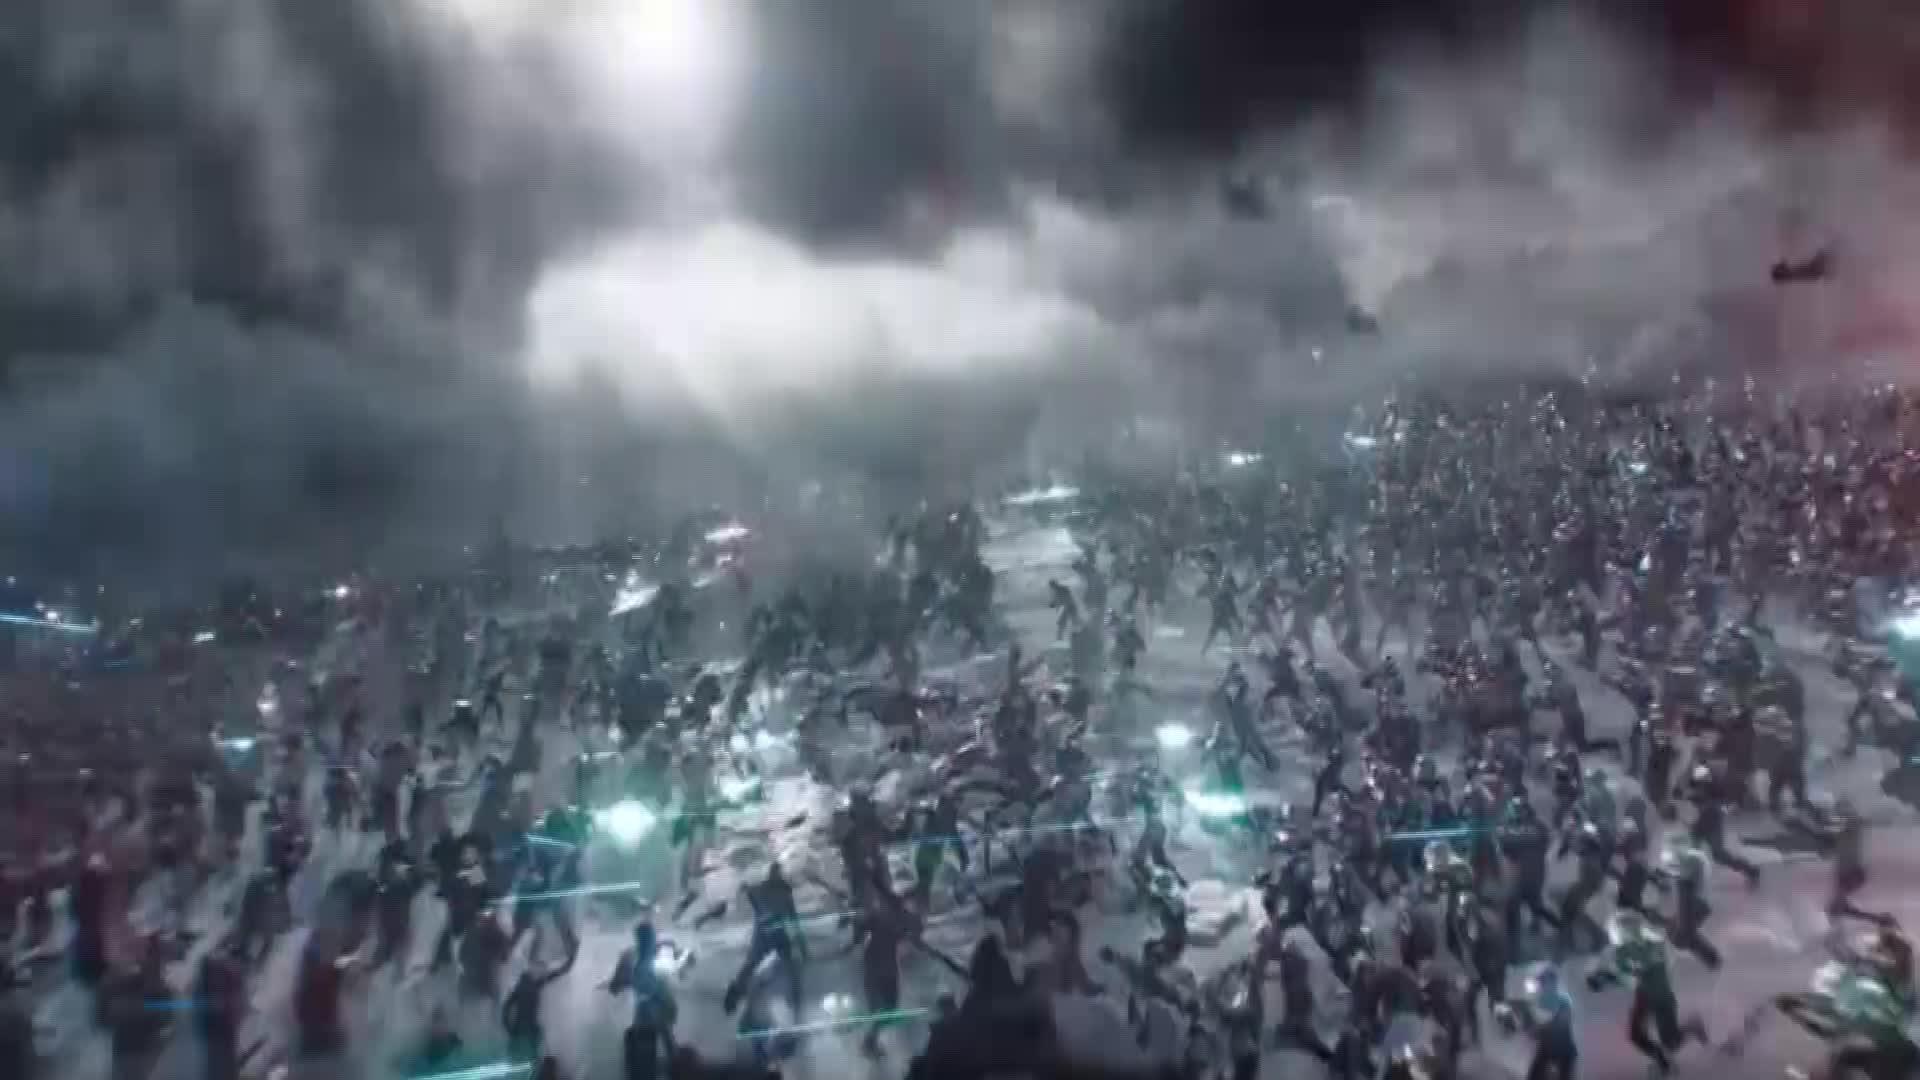 #电影#机器与百万人群的战争,变异人牛逼